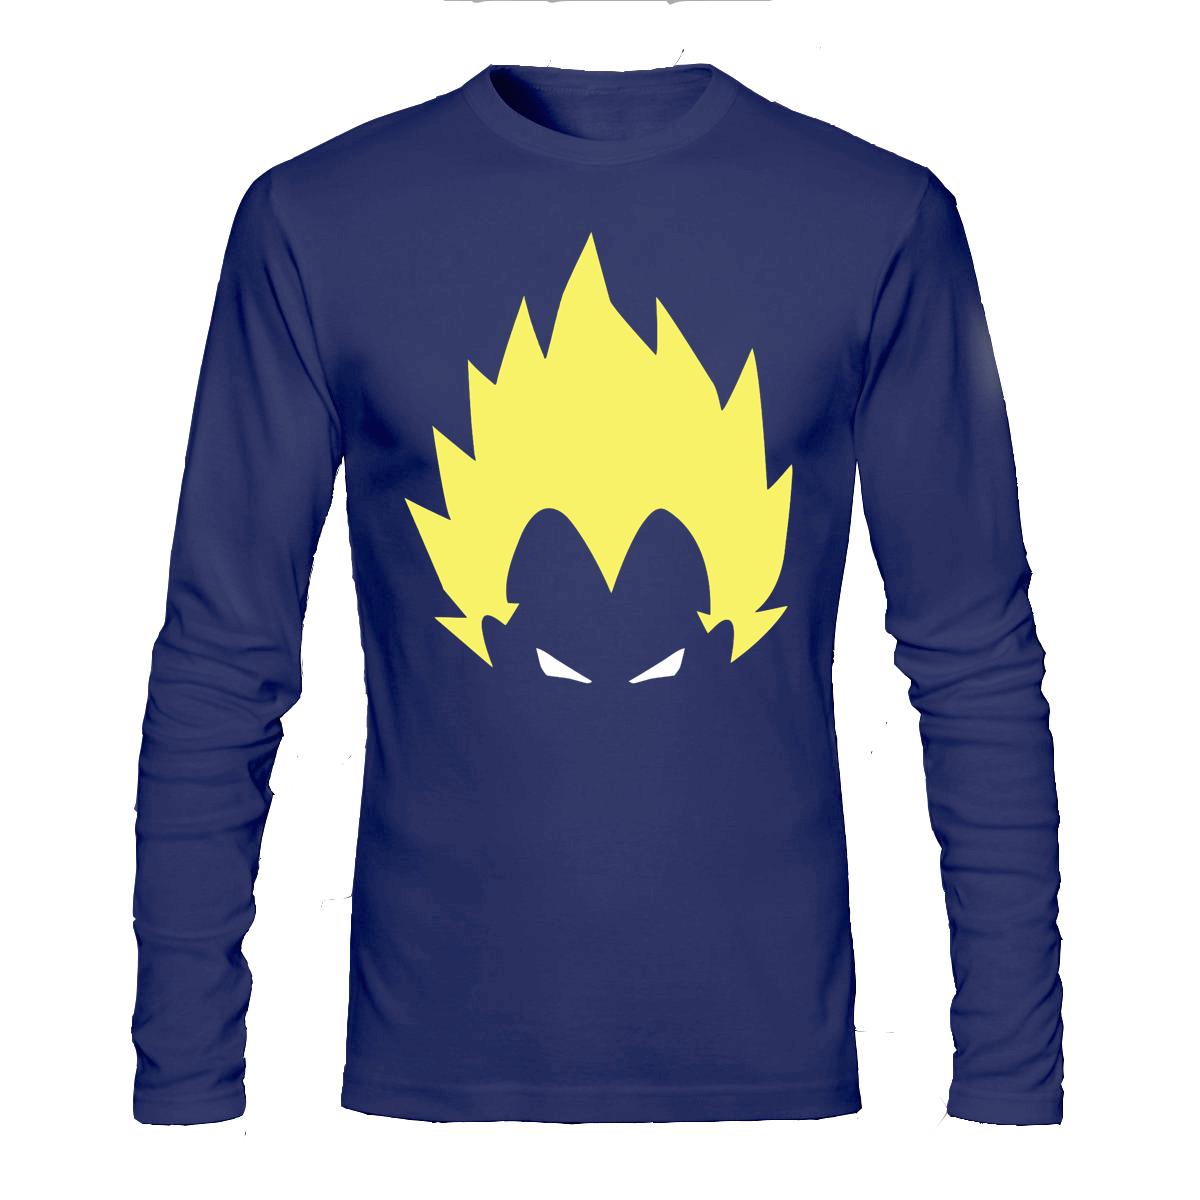 Vegeta full sleeve t shirt india part 1 for Jockey full sleeve t shirts india